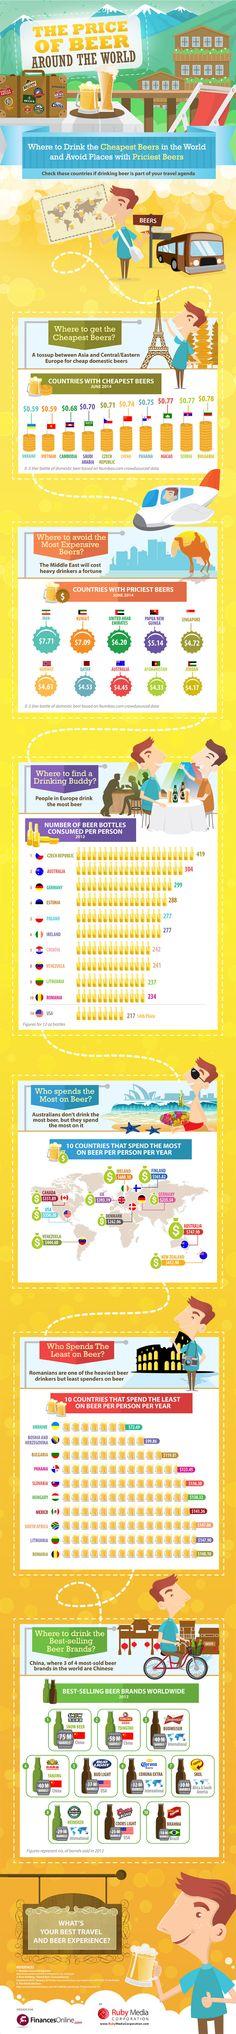 Preços das cervejas ao redor do mundo